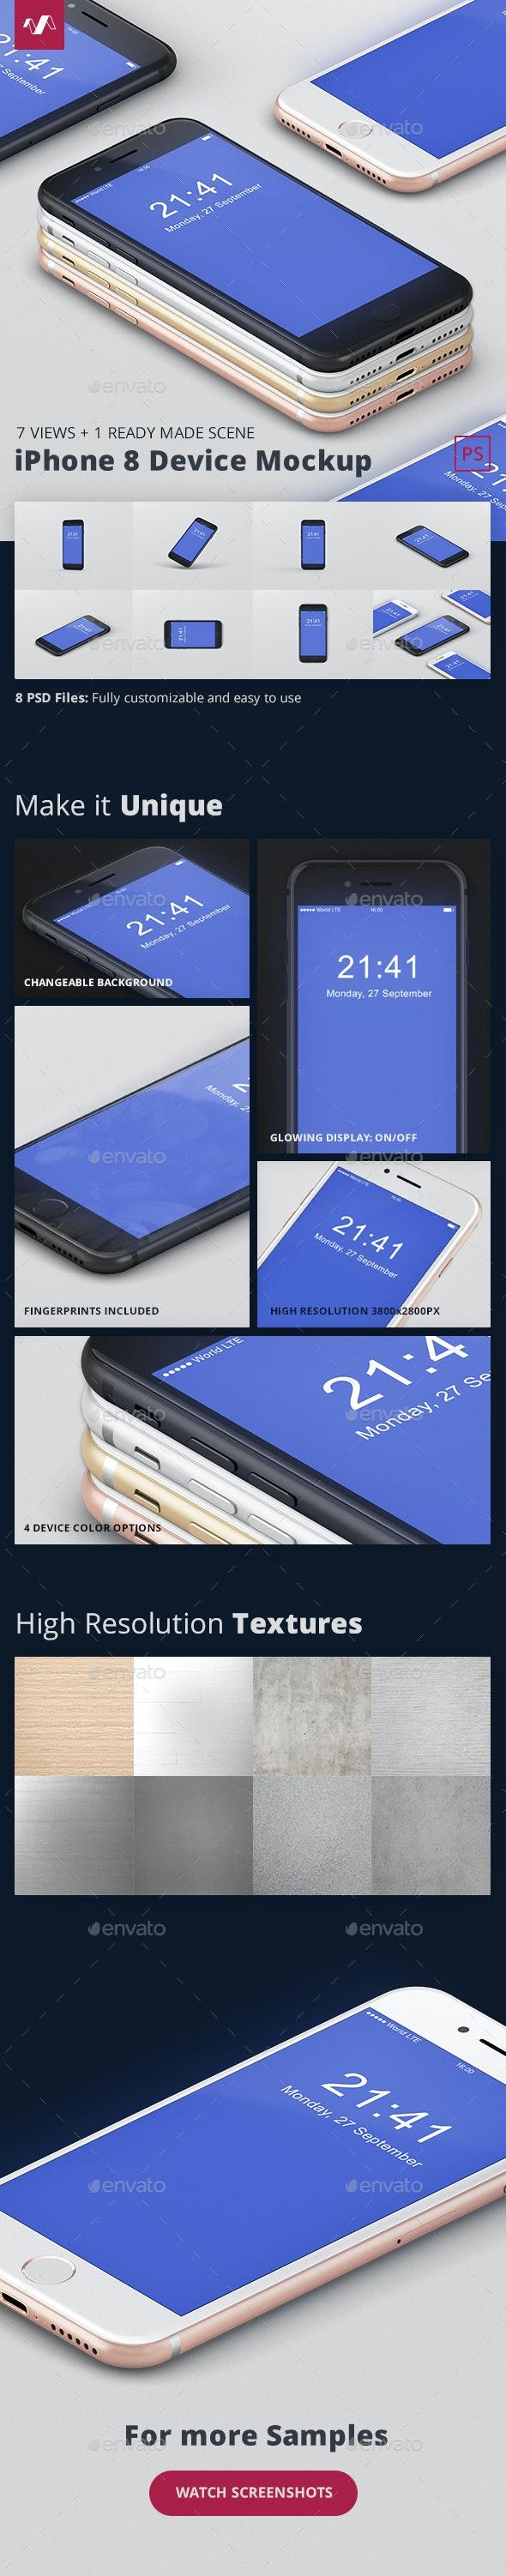 Phone 8 Mockup - Mobile Displays